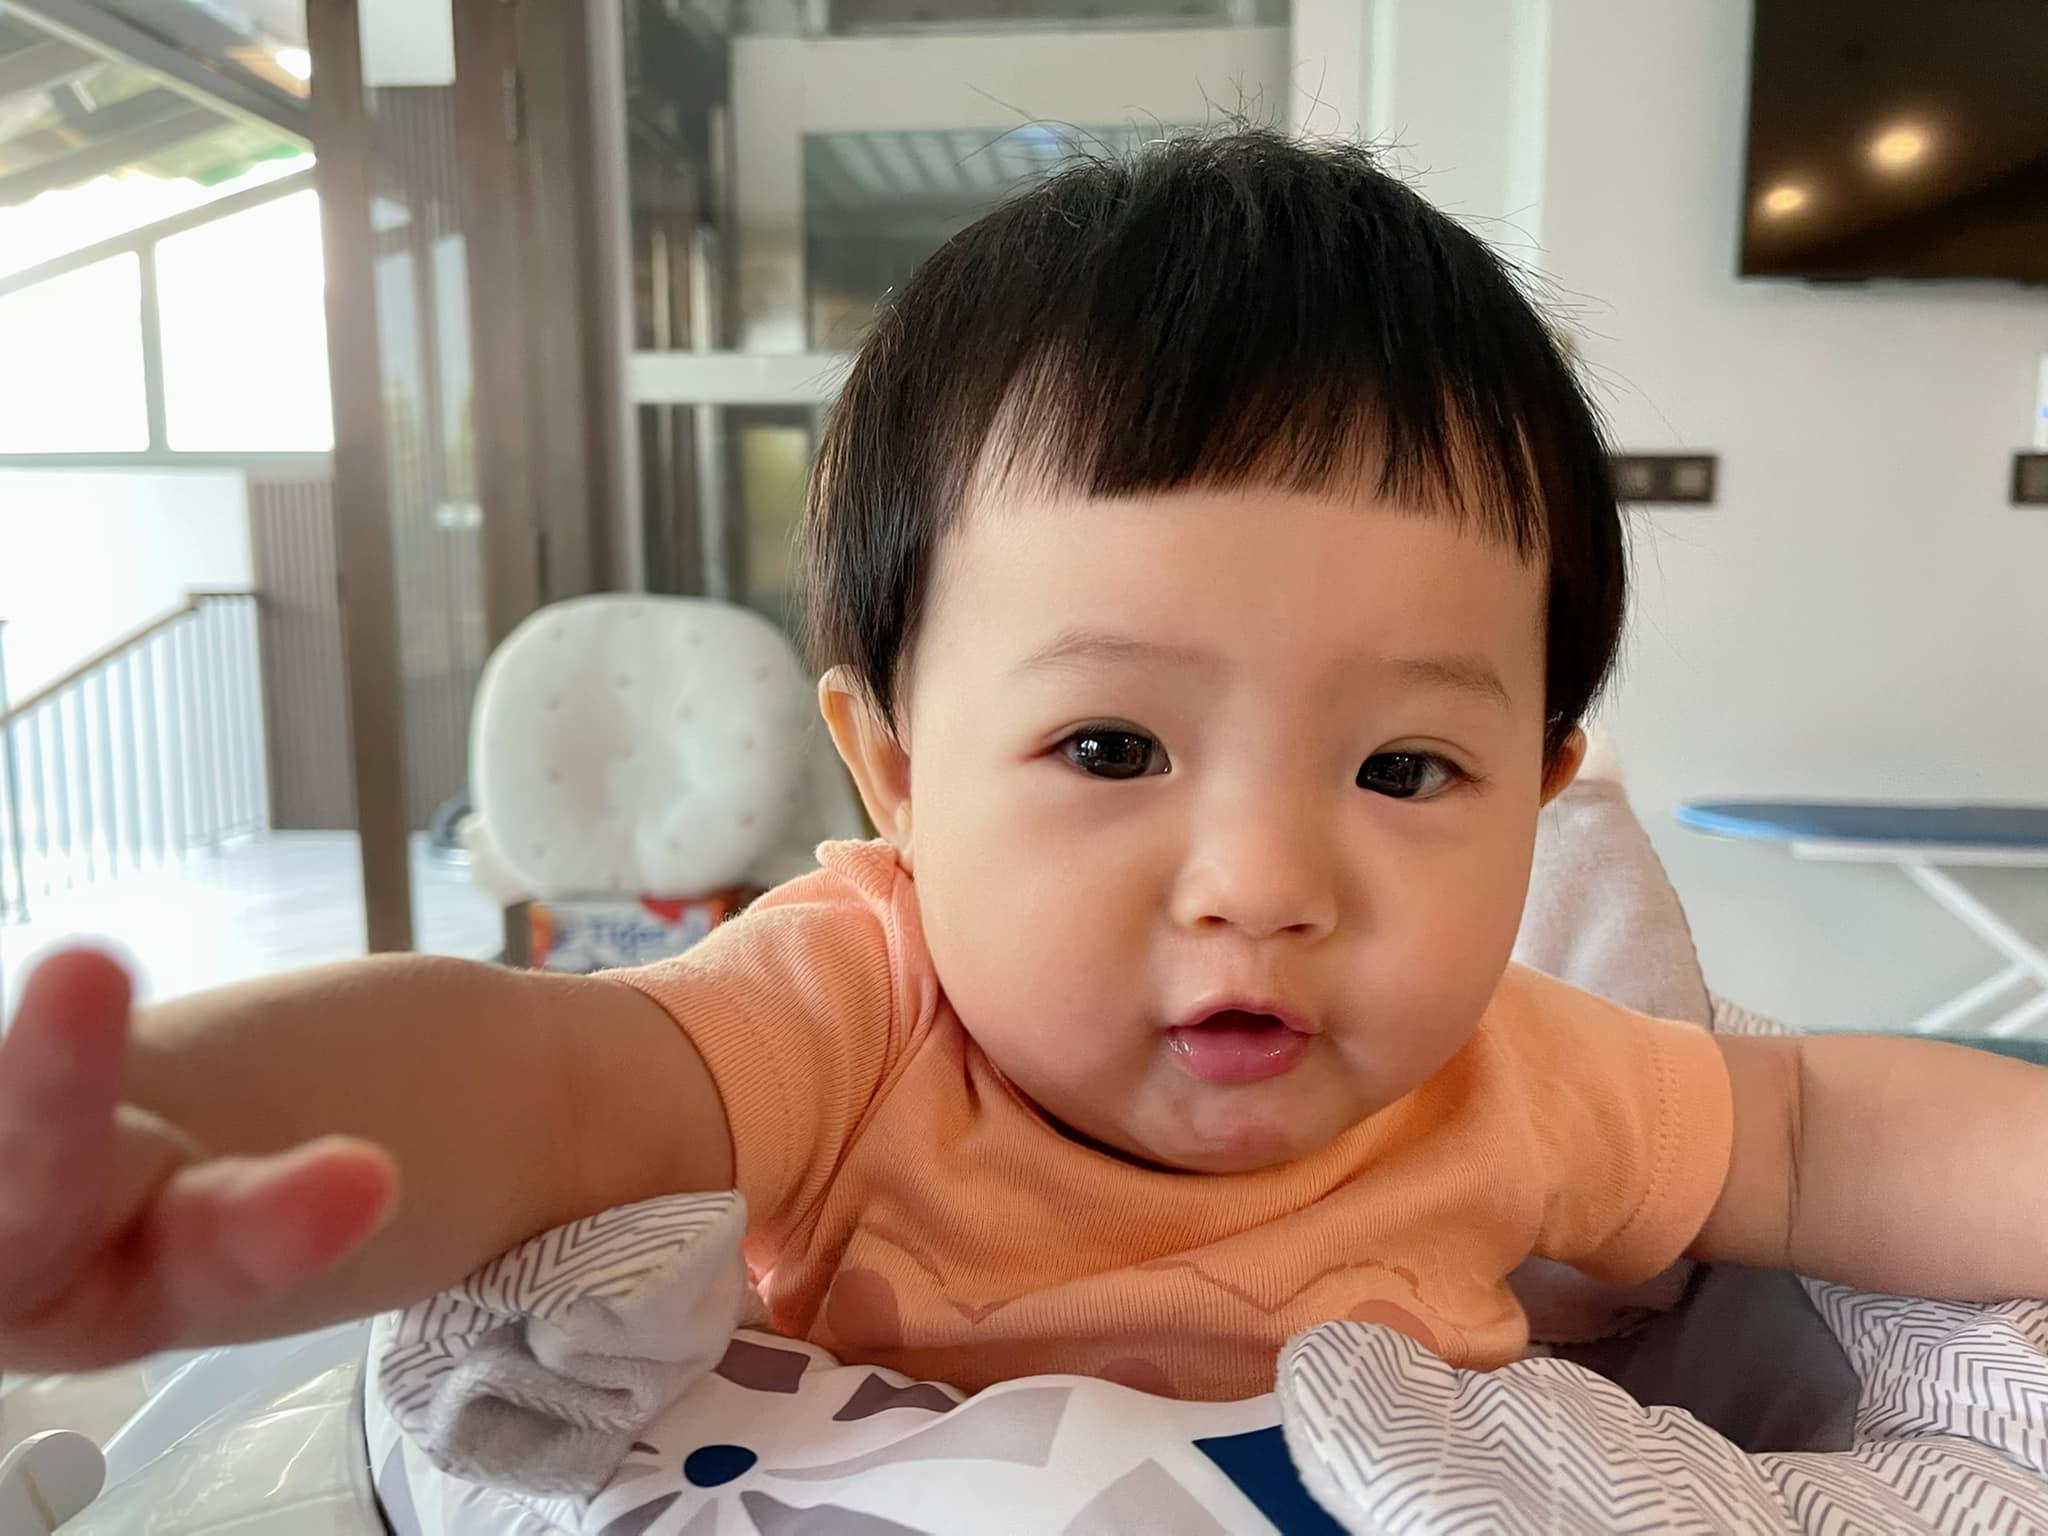 Đàm Thu Trang khoe ảnh chính diện gương mặt xinh xắn của con gái Suchin